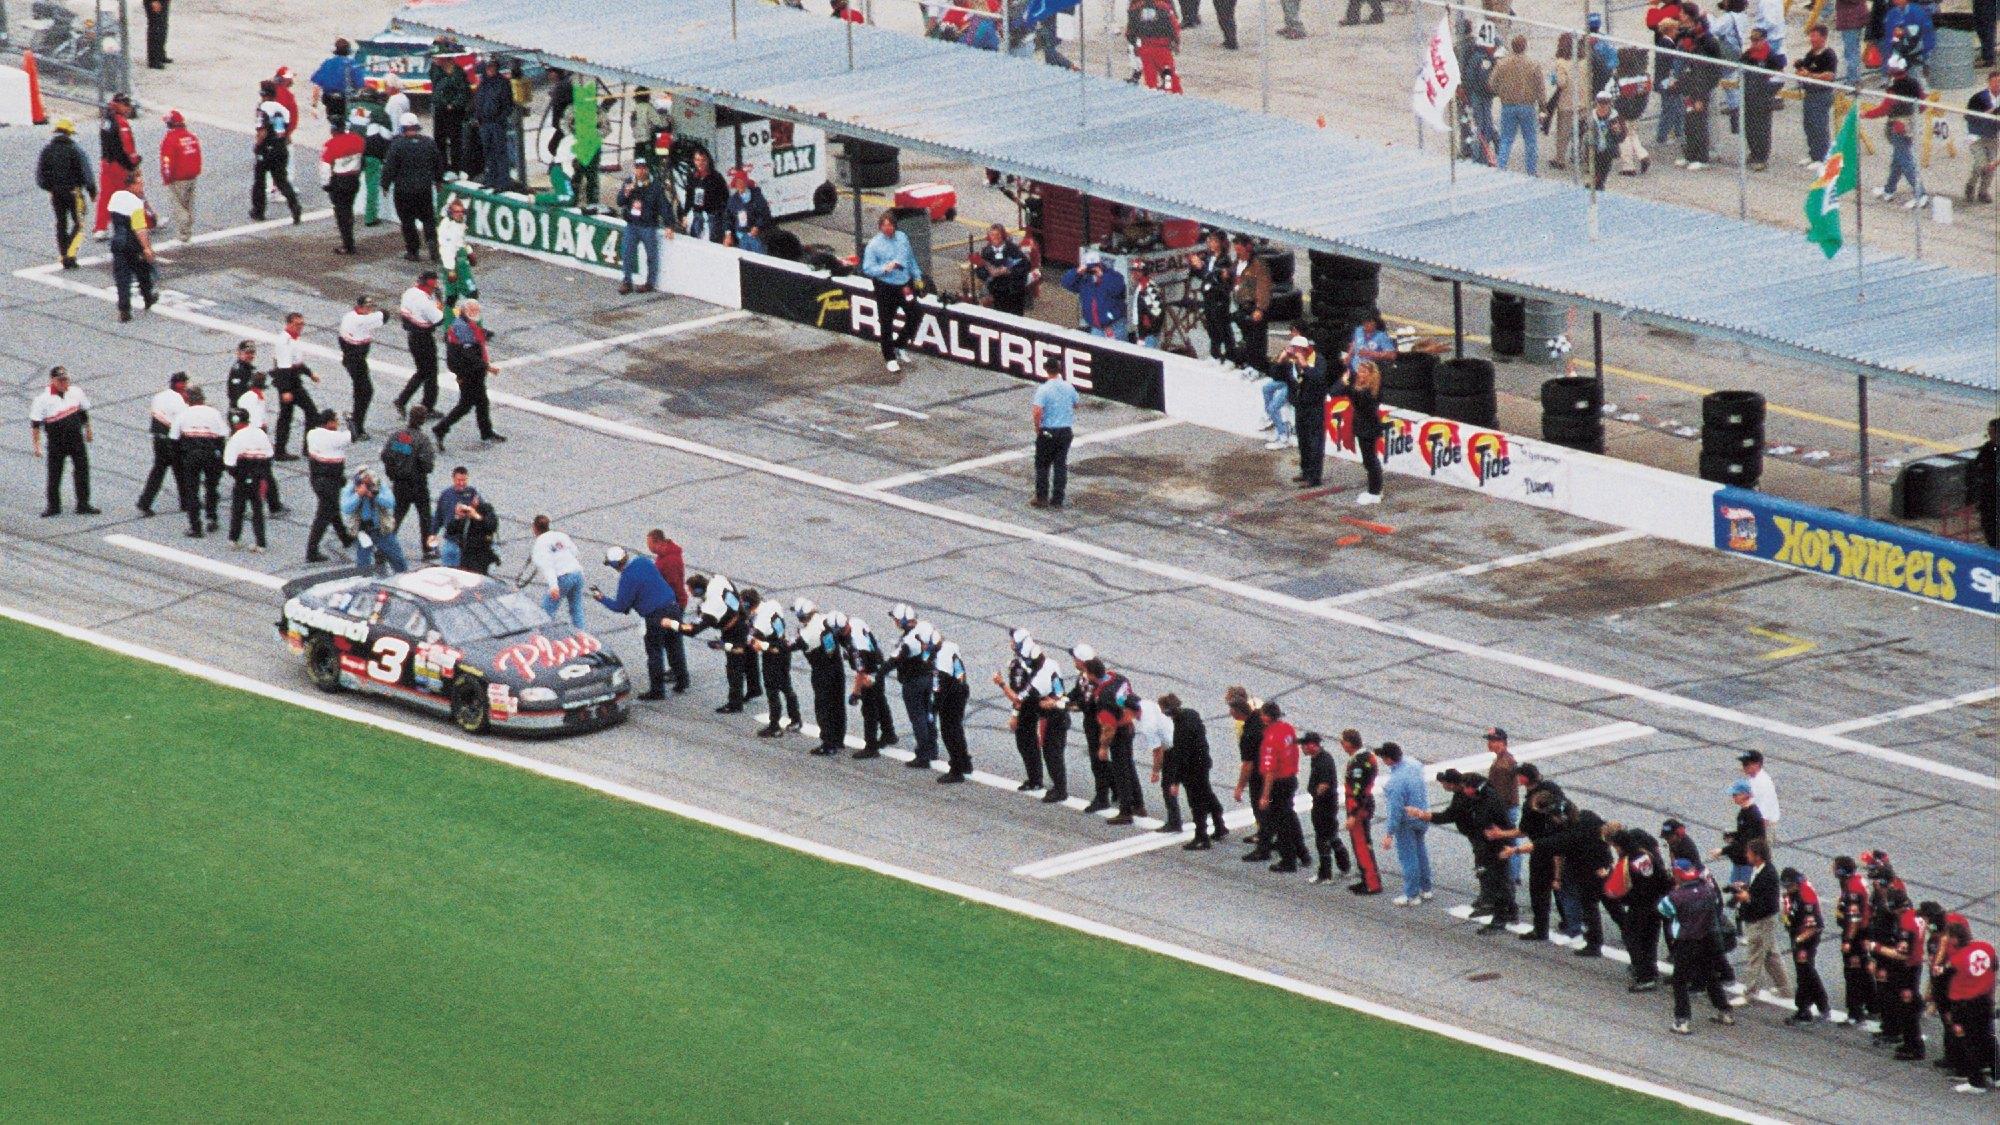 Dale Earnhardt, 1998 Daytona 500